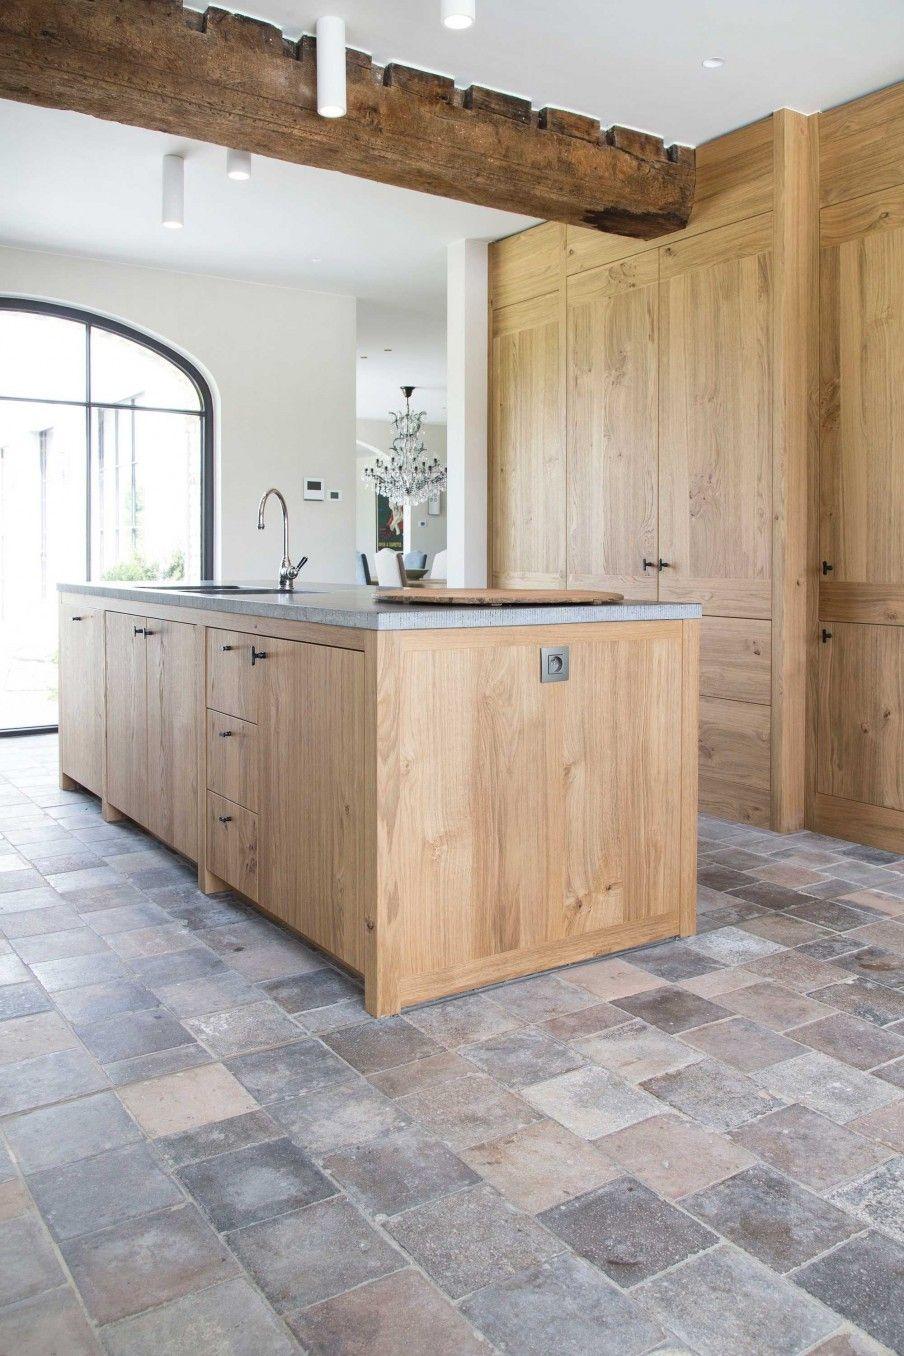 Authentiek Brugs Huis Wonen Landelijke Stijl Keuken Vloertegels Tegelvloer Keuken Keuken Vloeren